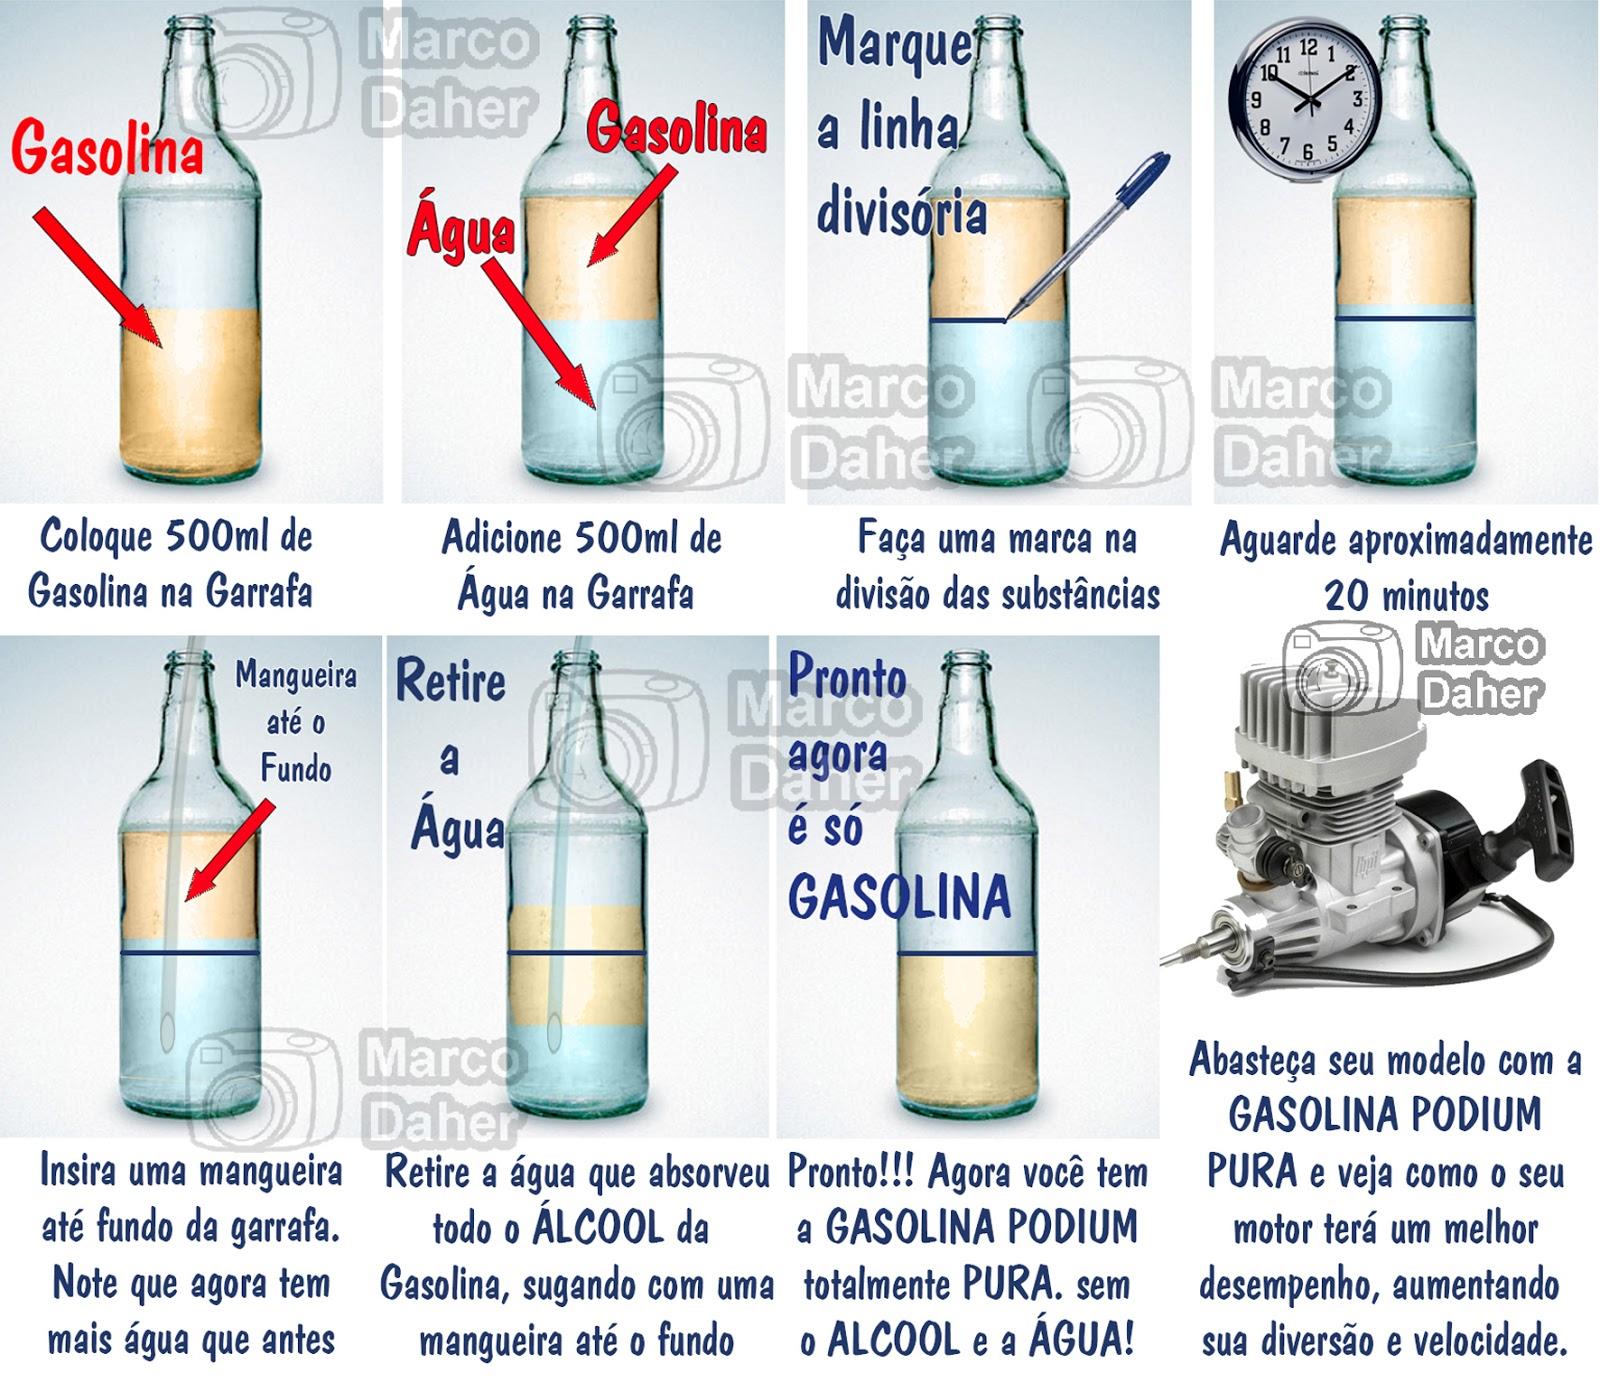 Retirar+Alcool+da+Gasolina.jpg